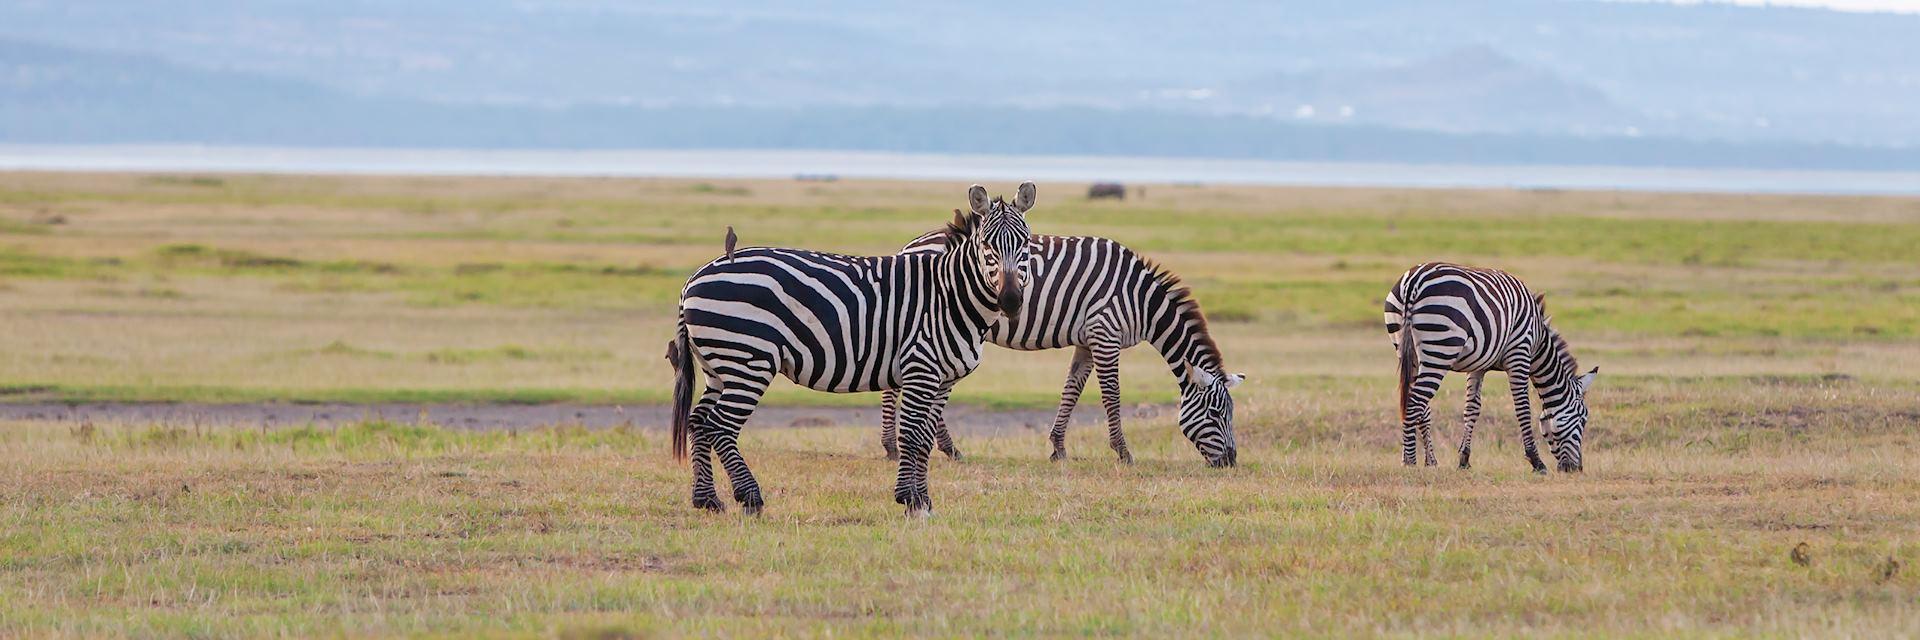 Giraffe in Zambia